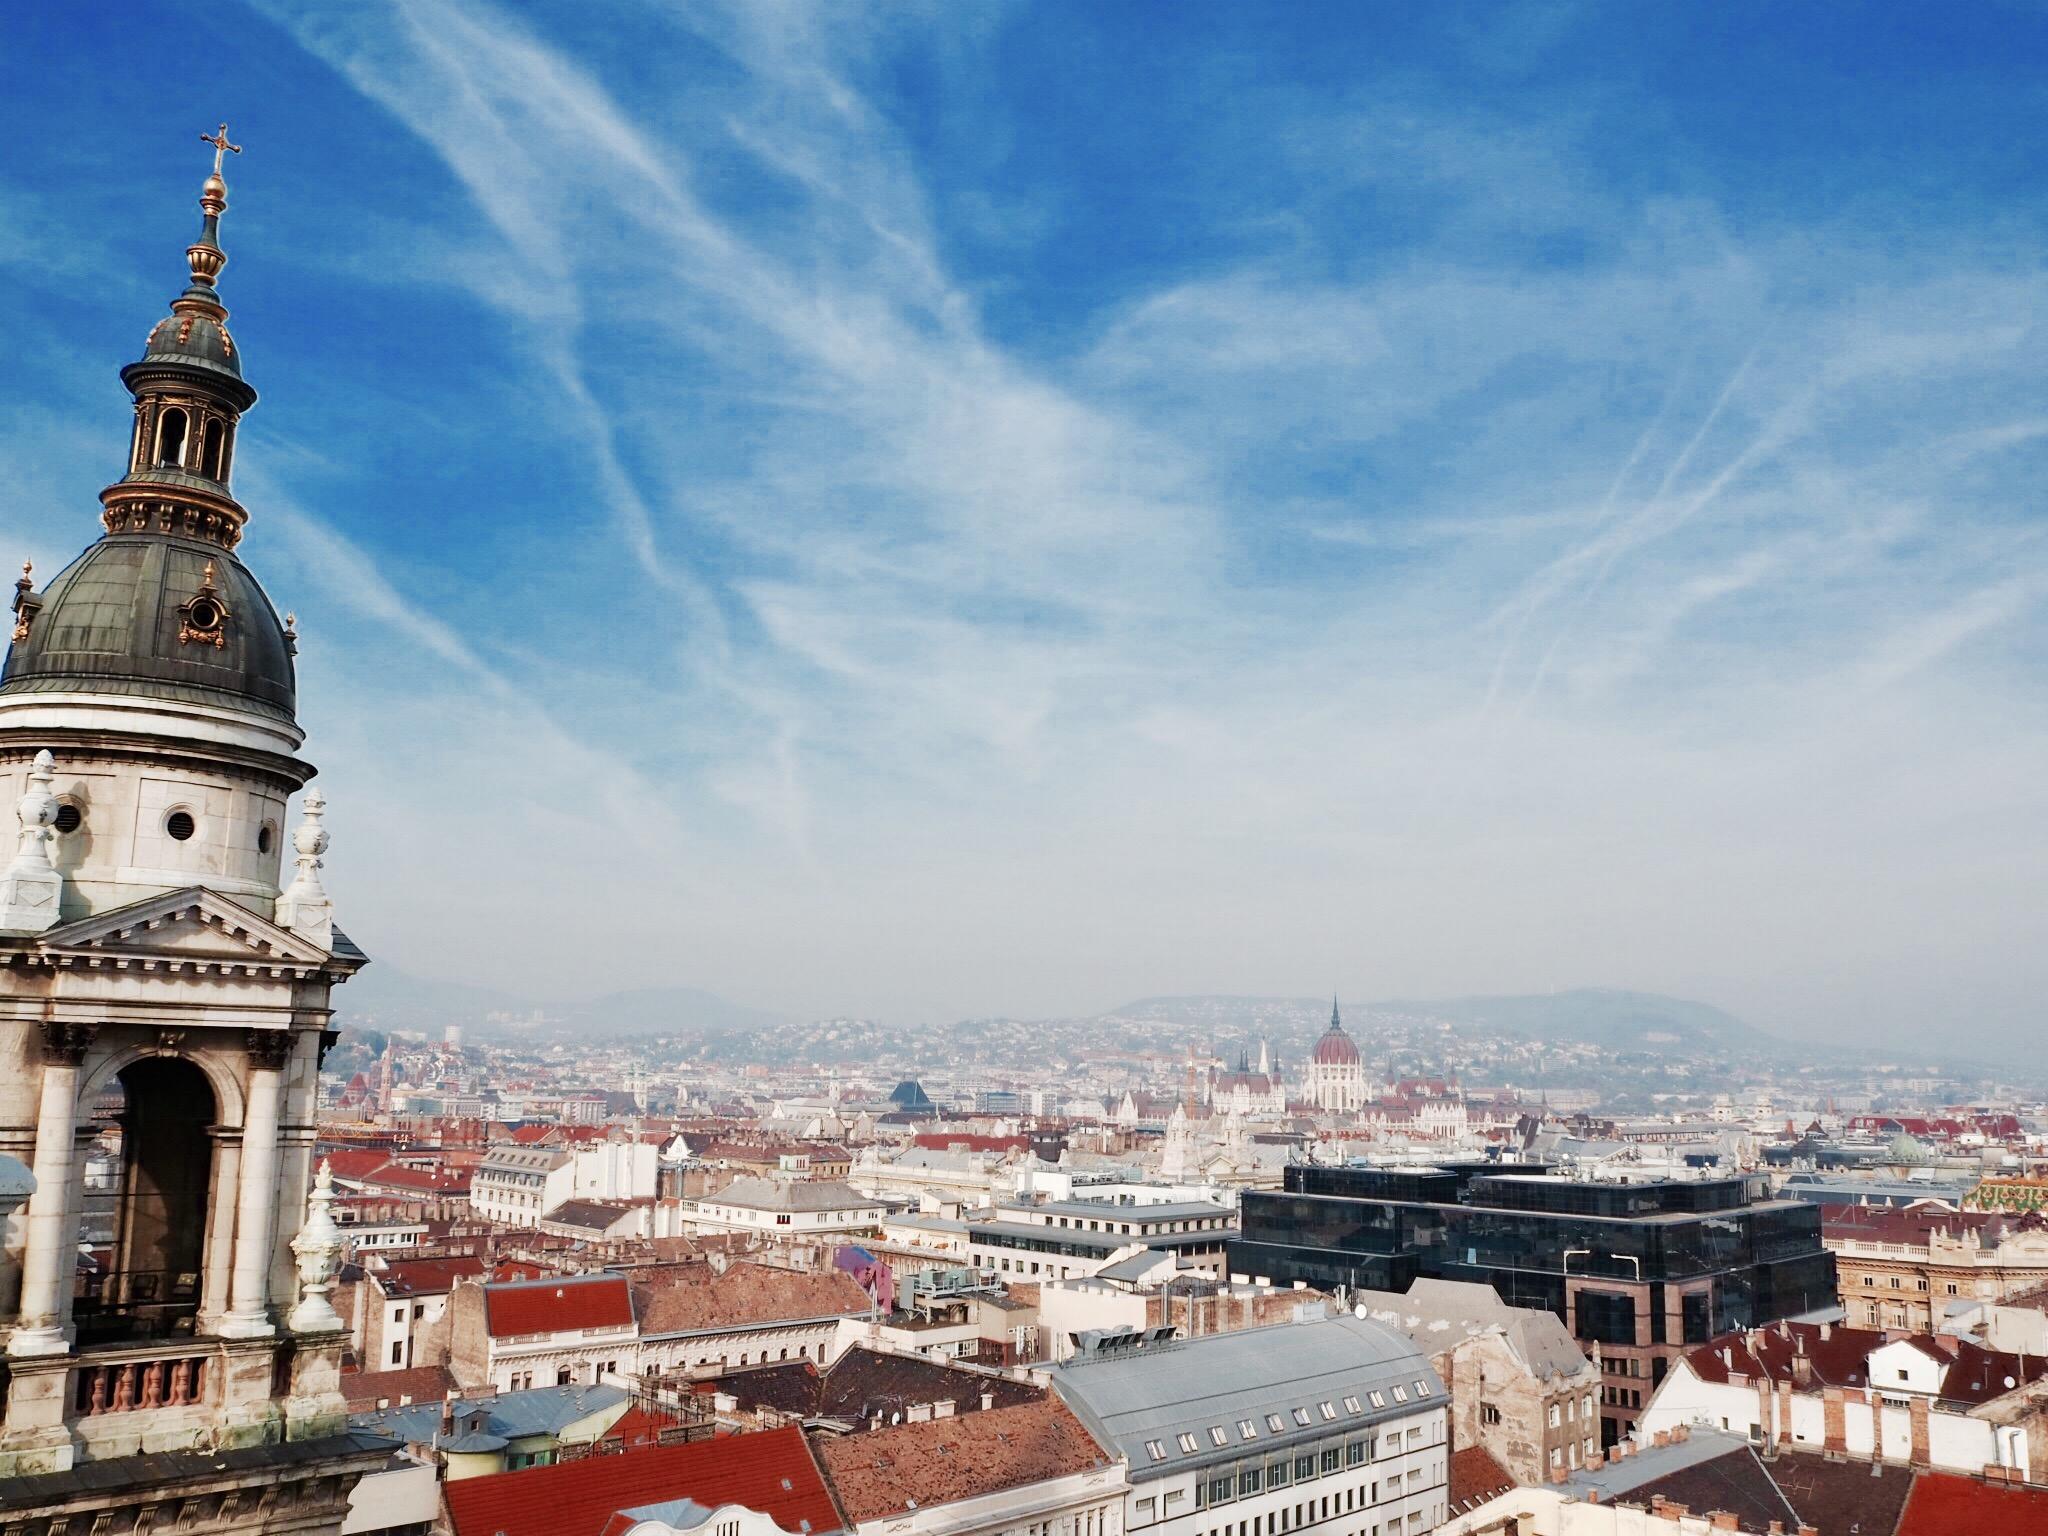 img 4791 1 - Aria Hotel Budapest - 音楽に囲まれて過ごすブダペストのラグジュアリーブティックホテルの魅力